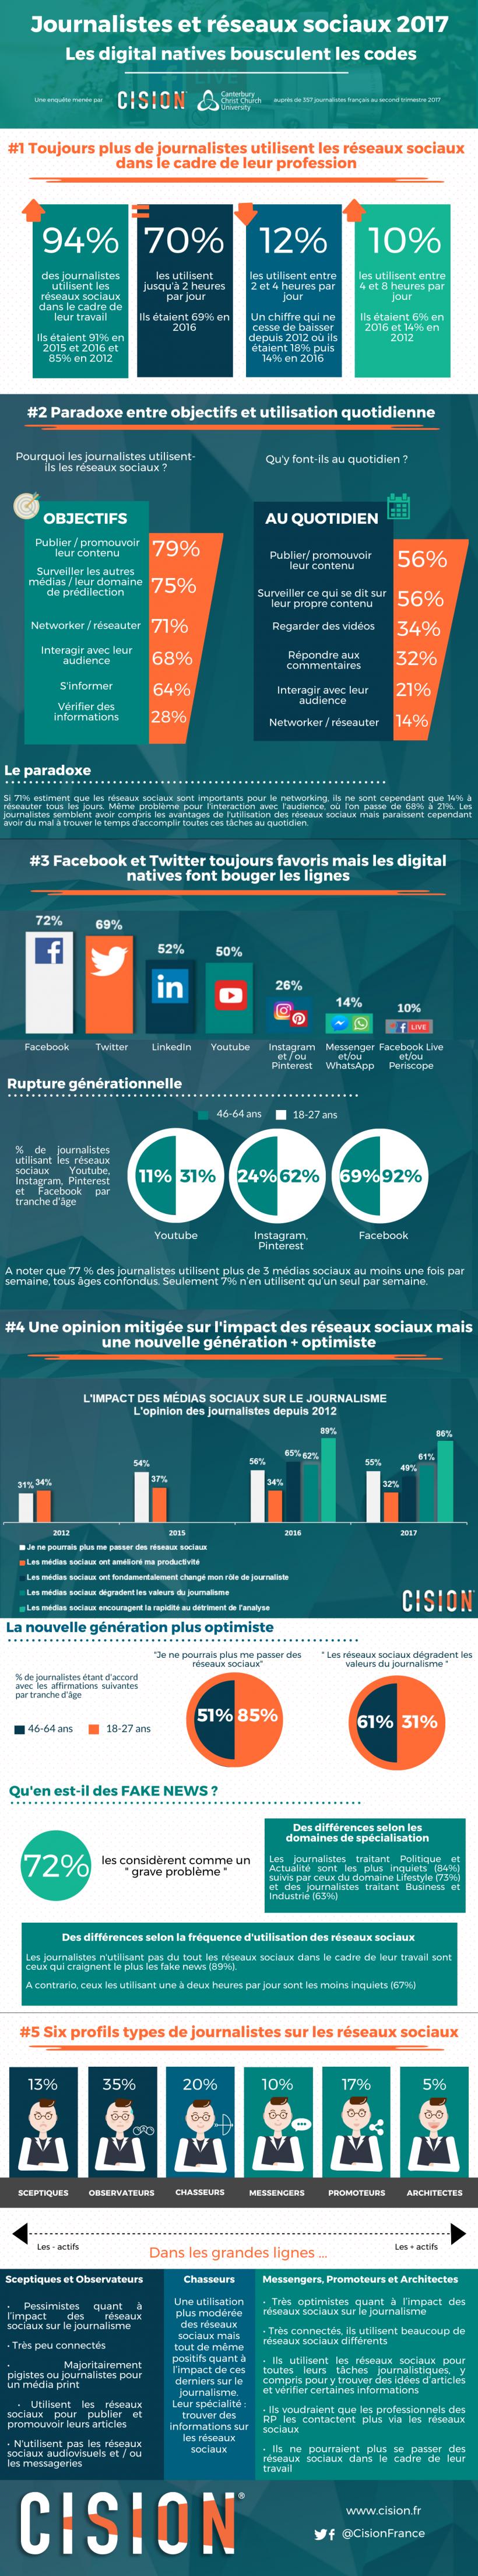 1390x7488-Journalistes-et-Réseaux-Sociaux-2017